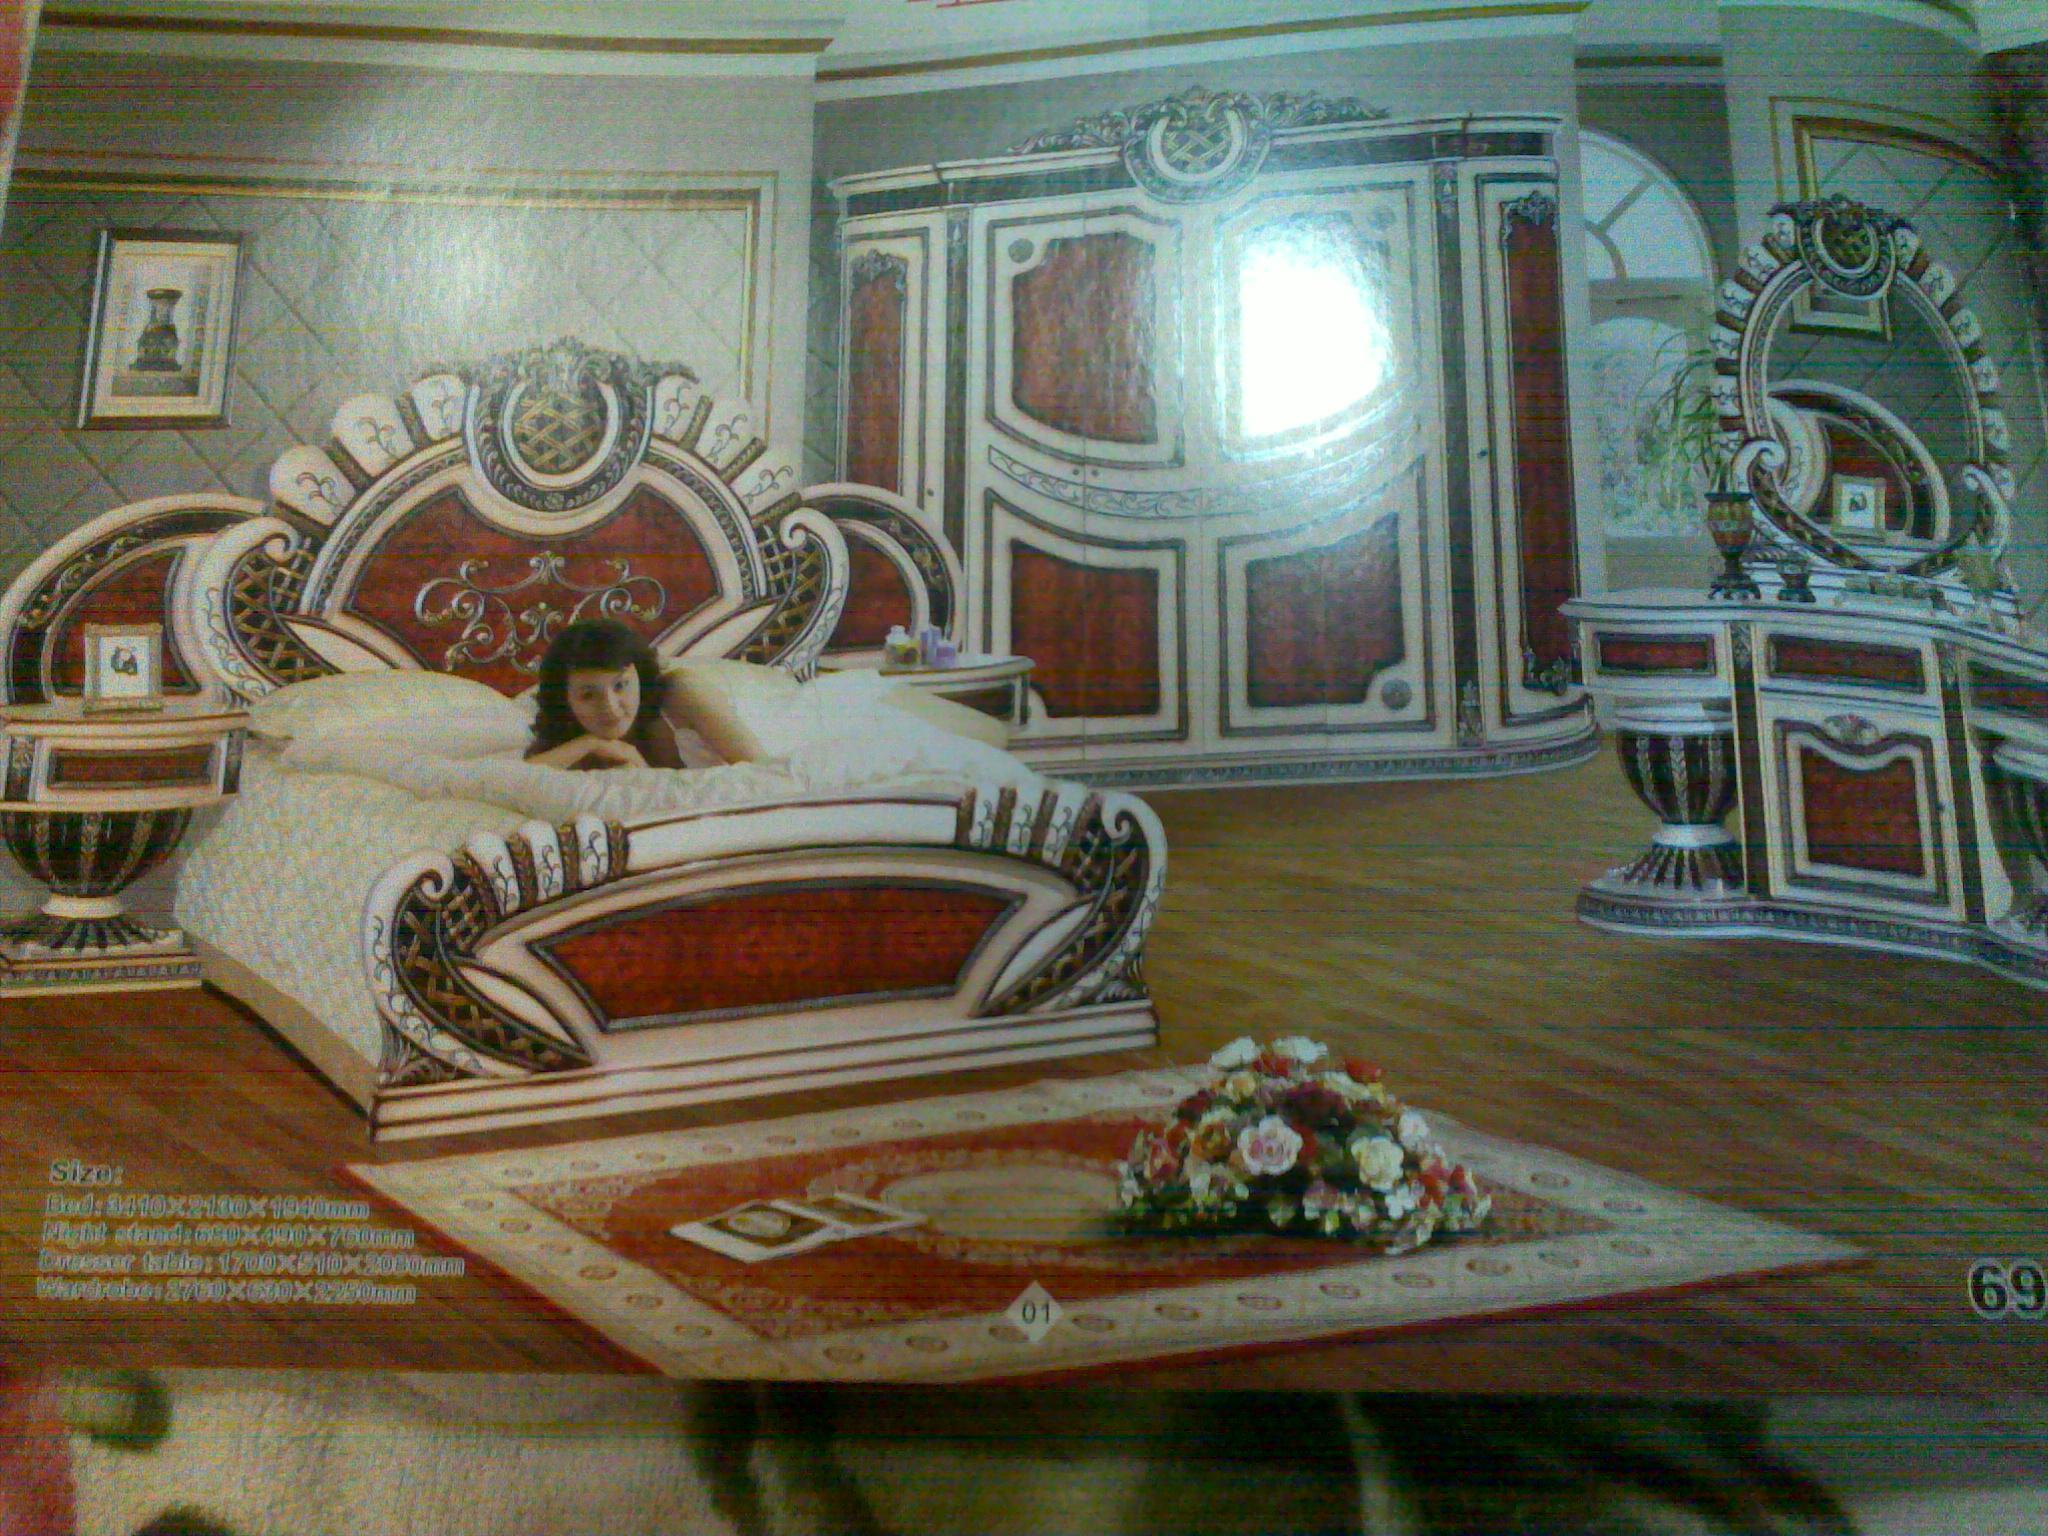 بالصور غرفة نوم سارة احدث التصميمات لغرف النوم 91b715c71f69b7b454b9a37124581ea3